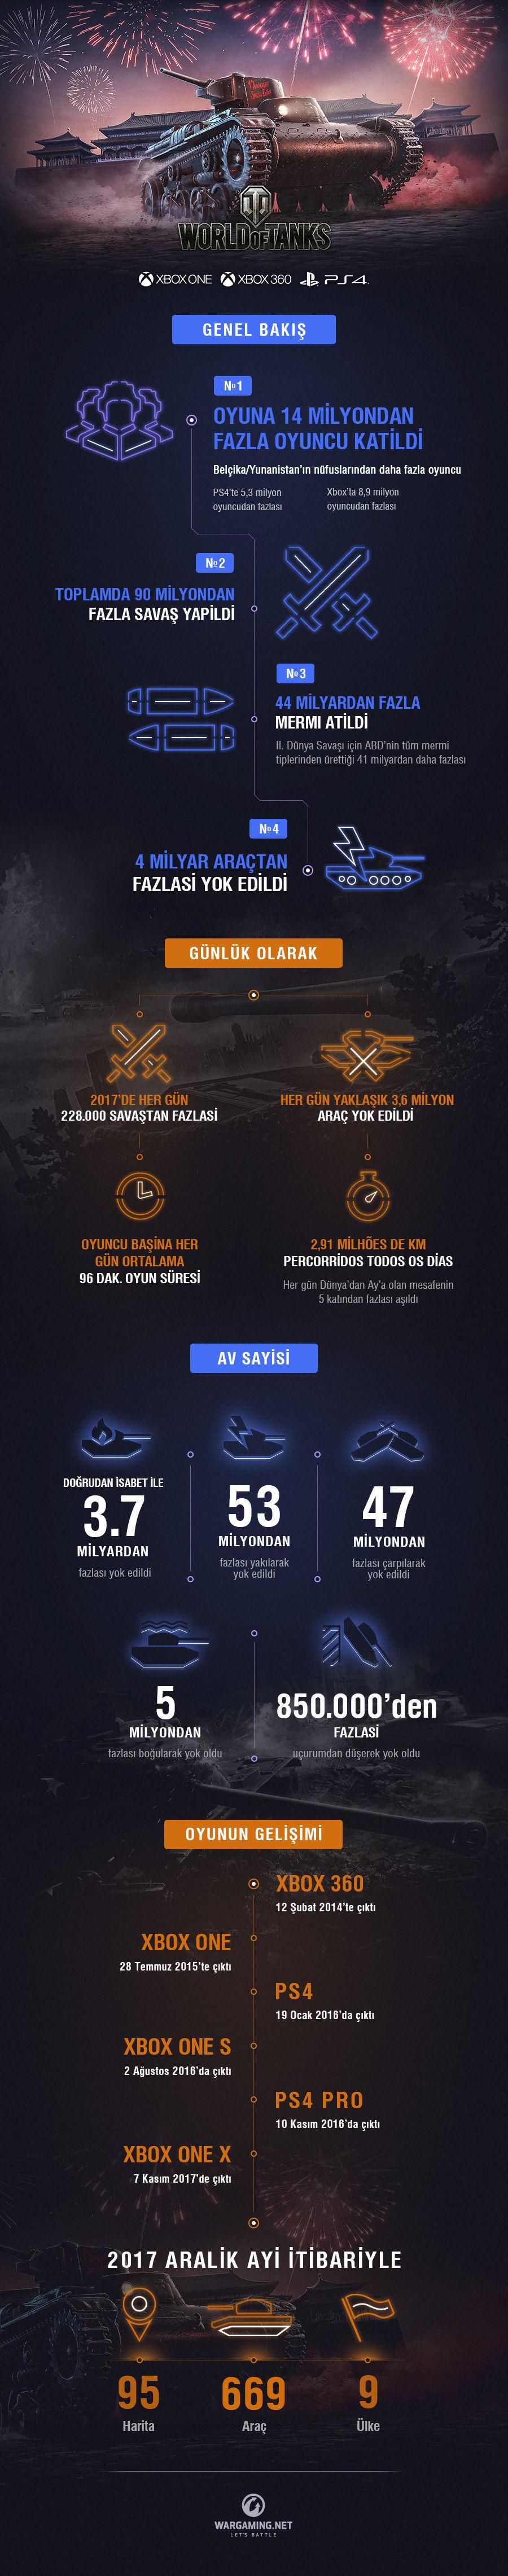 World of Tanks'ın konsol sürümü için istatistikler yayınlandı